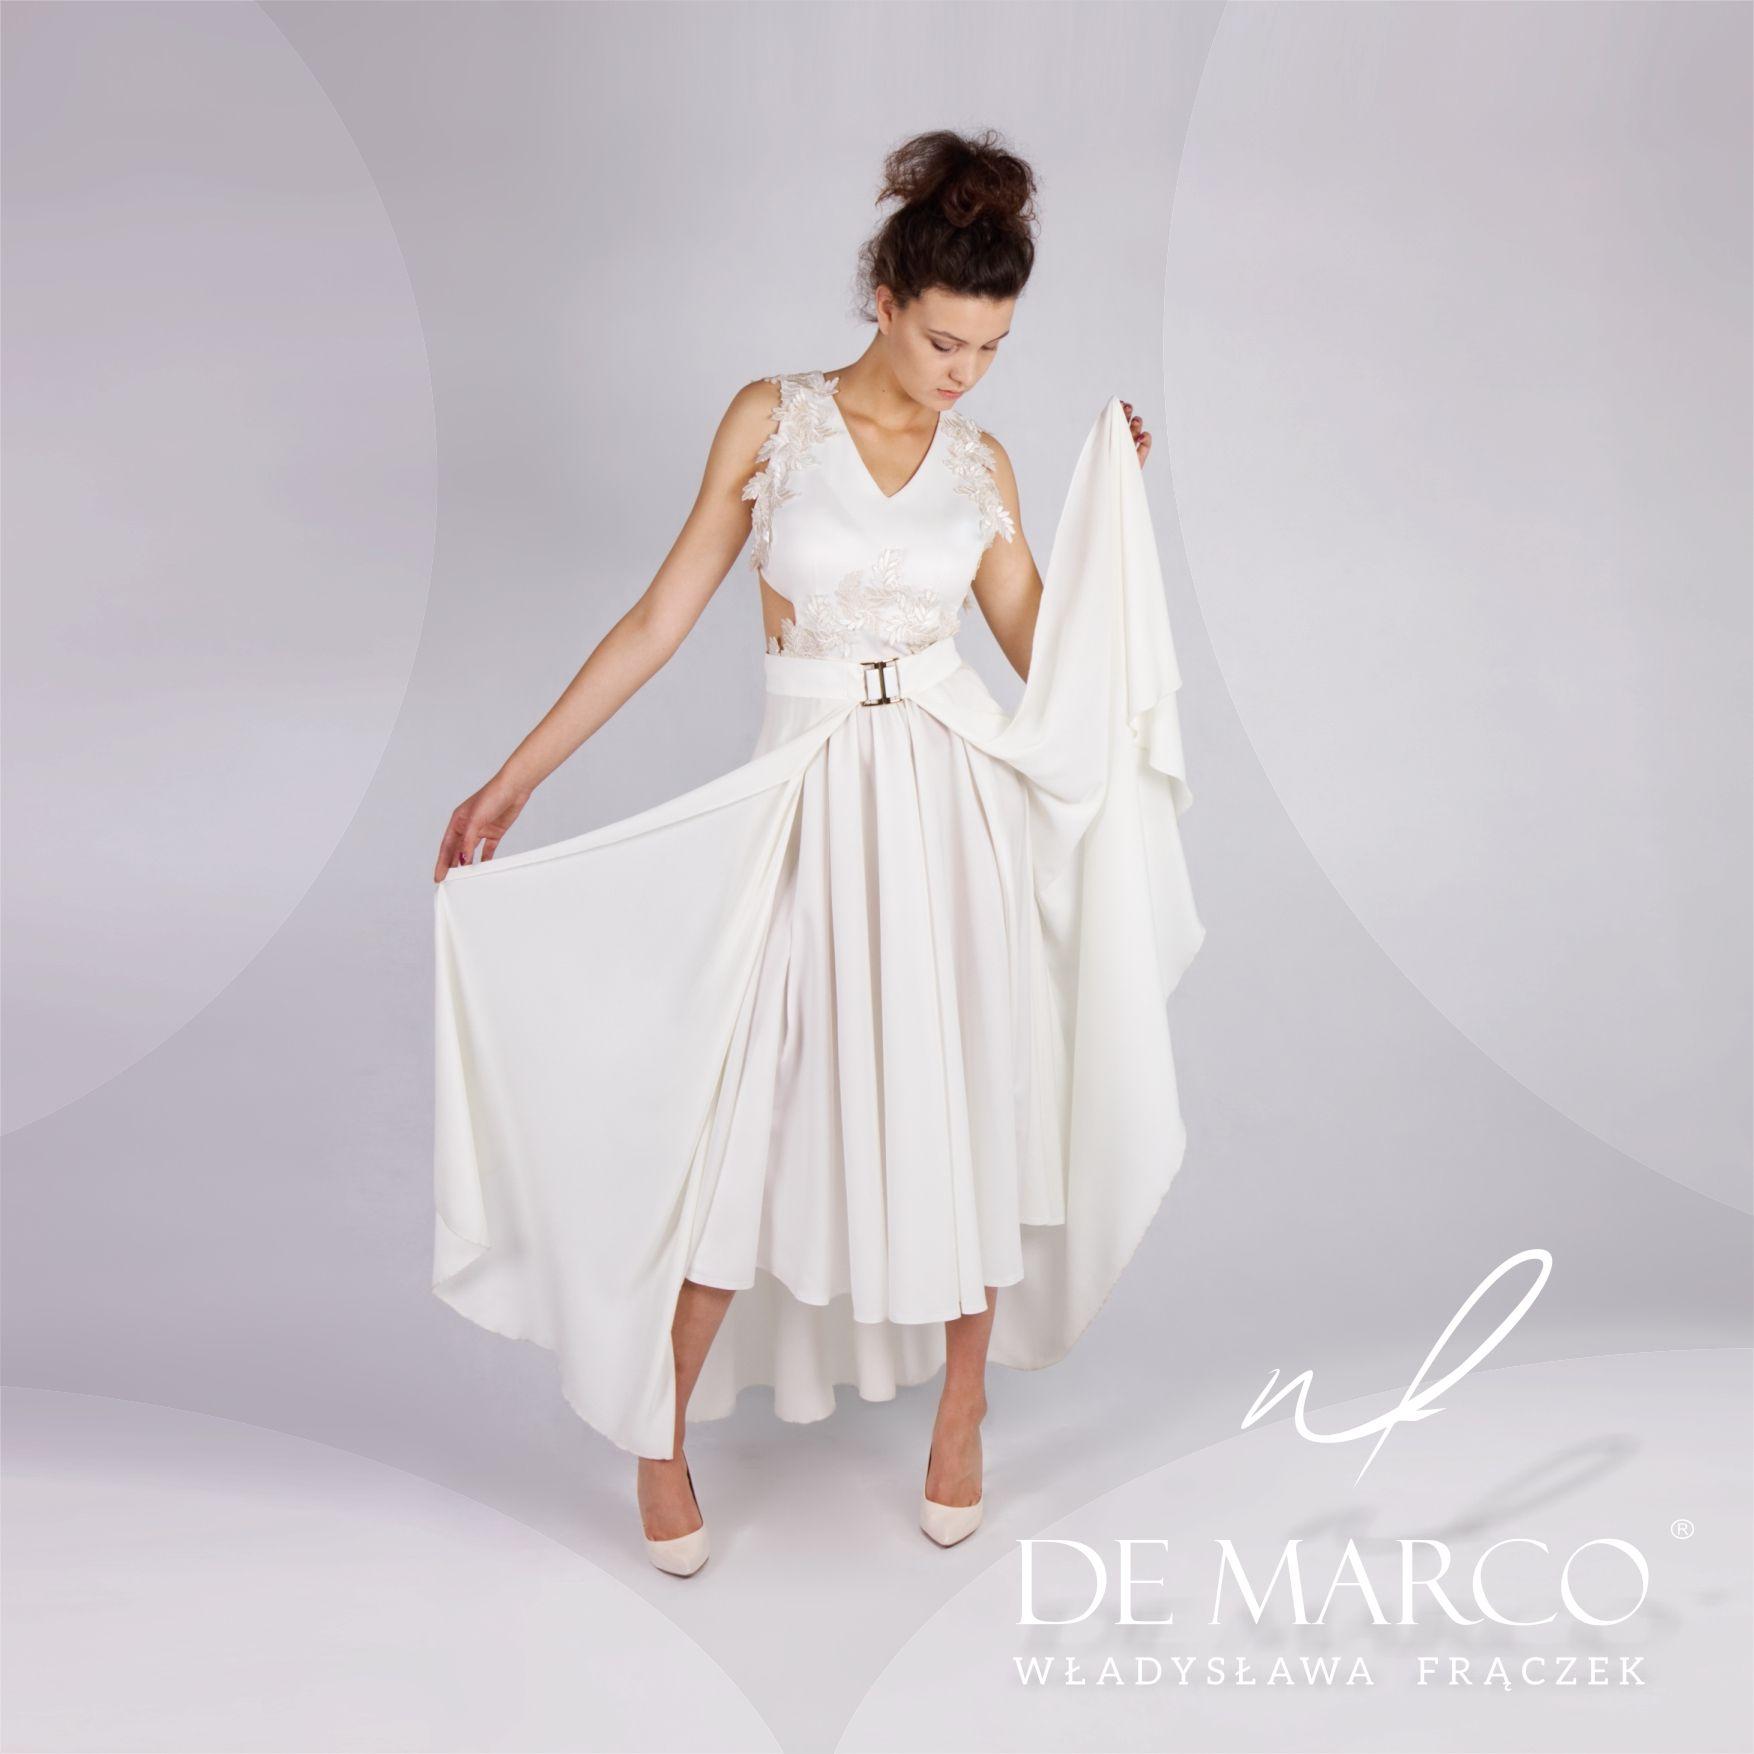 Oryginalne Suknie Slubne Szyte Na Miare W De Marco Najmodniejsze Stylizacje 2020 Sklep Projektanta Dresses Fashion White Dress